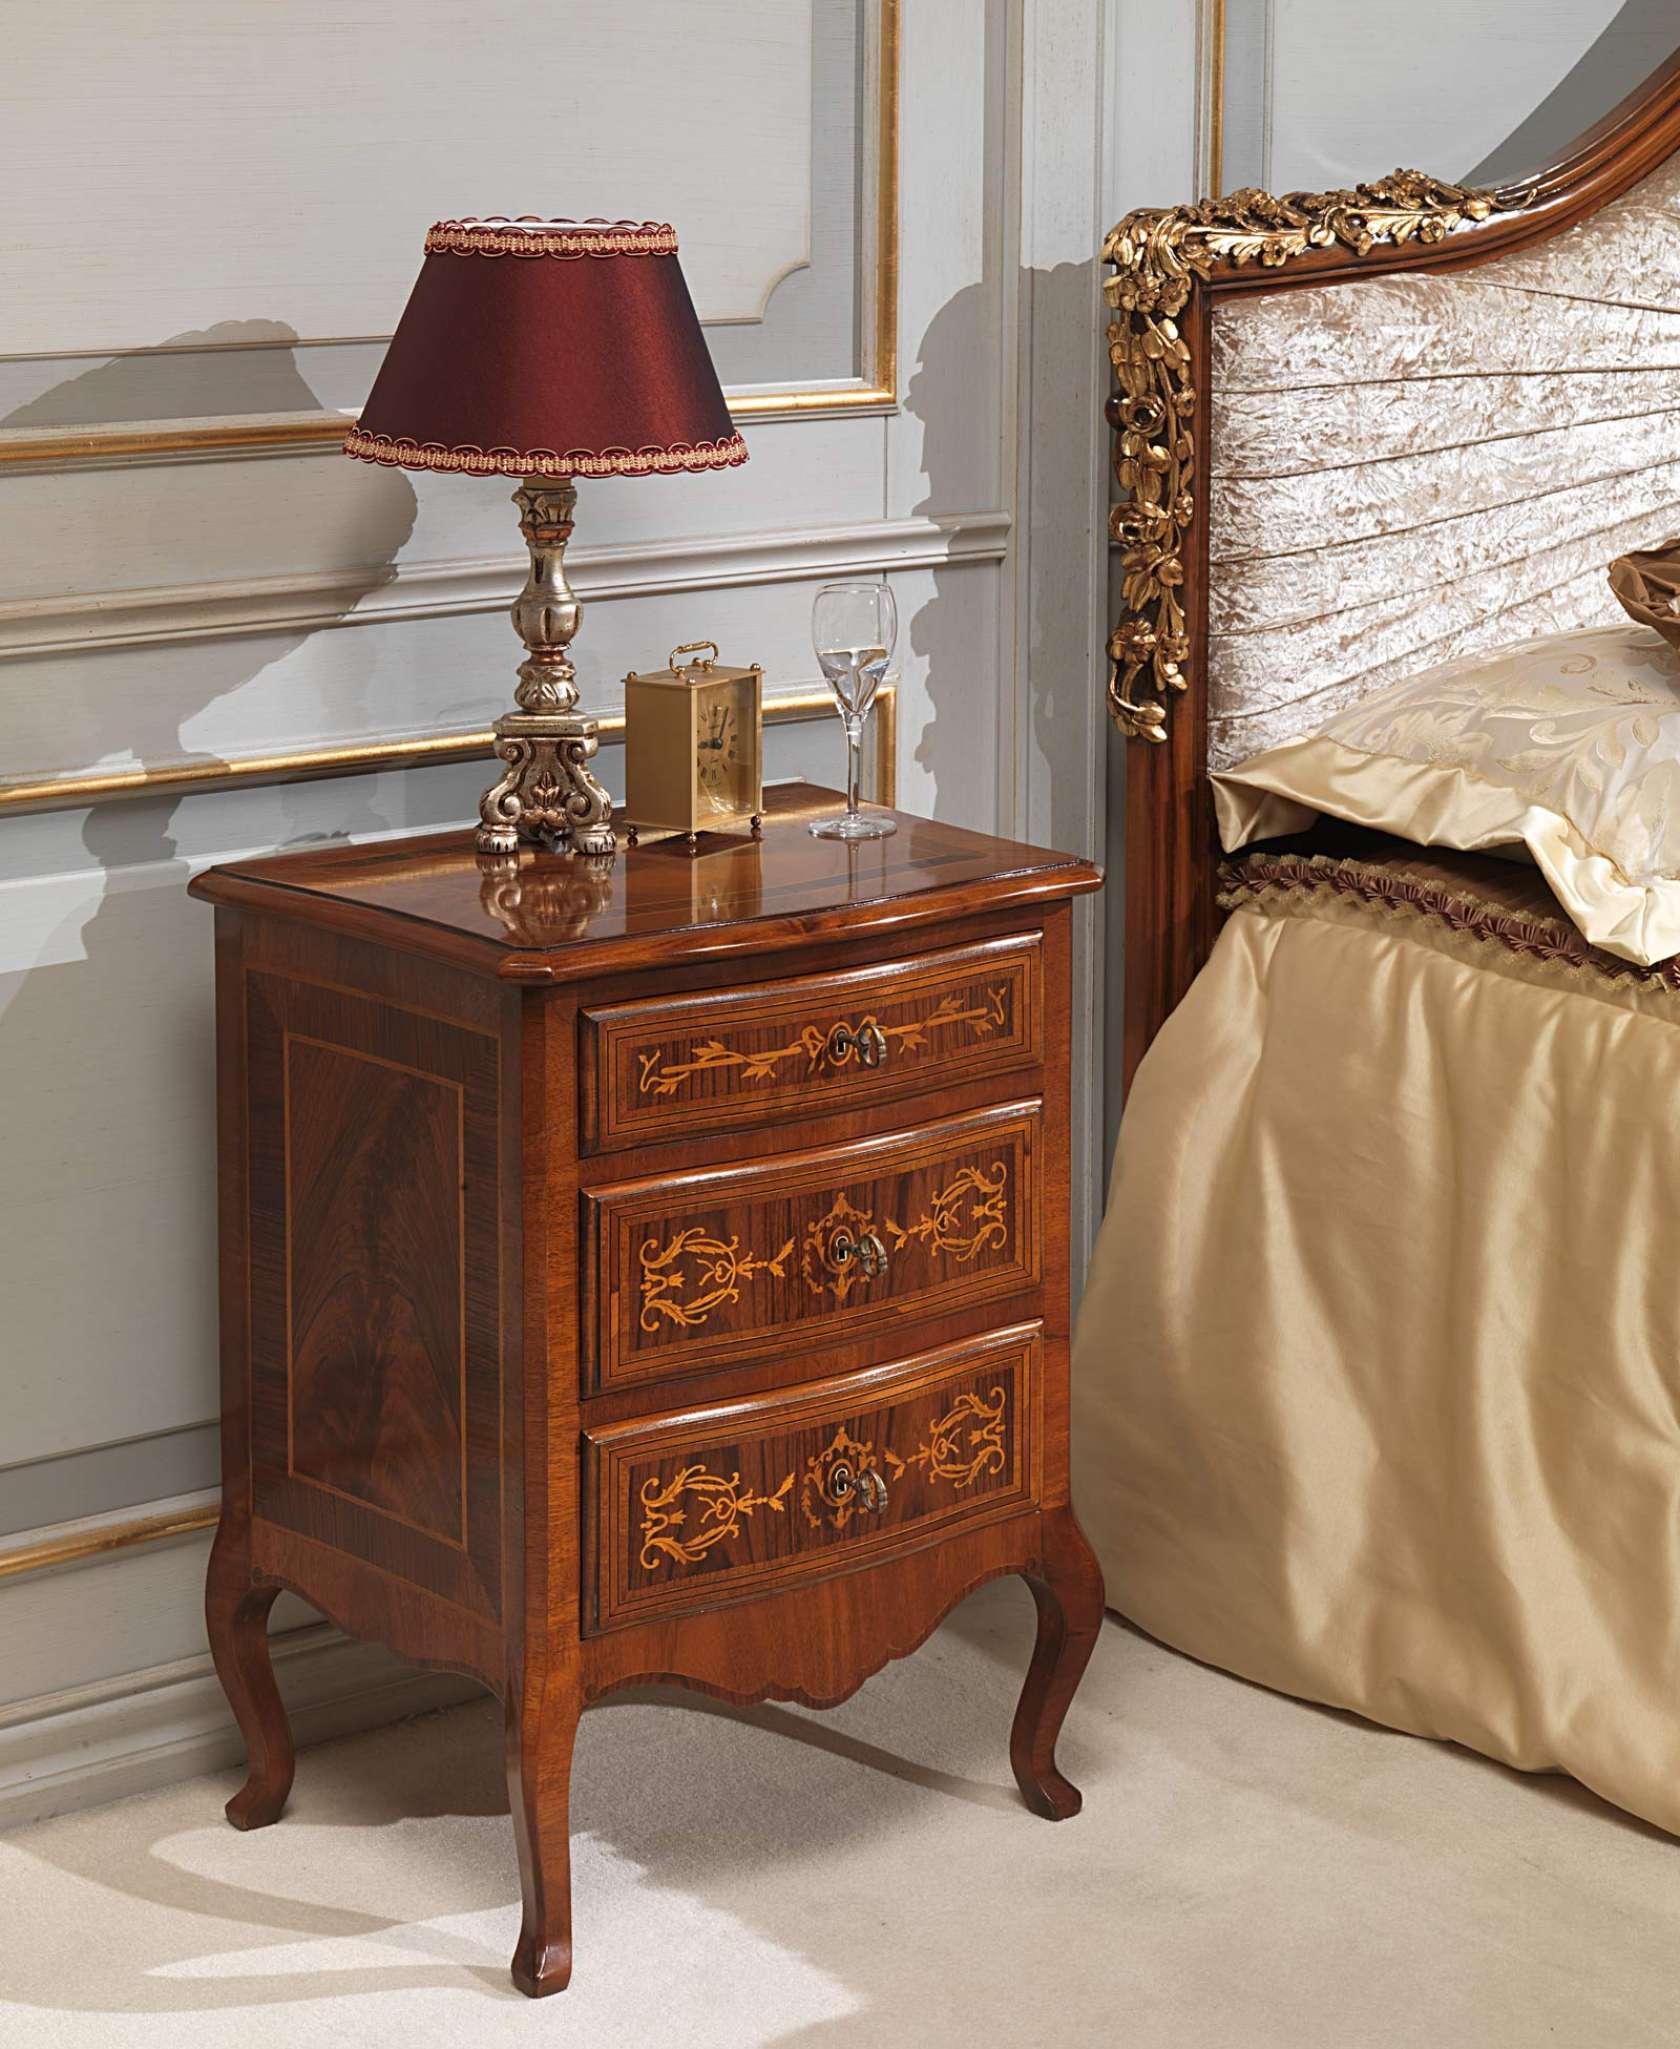 Camera da letto classica Louvre, comodino in noce con finitura d ...